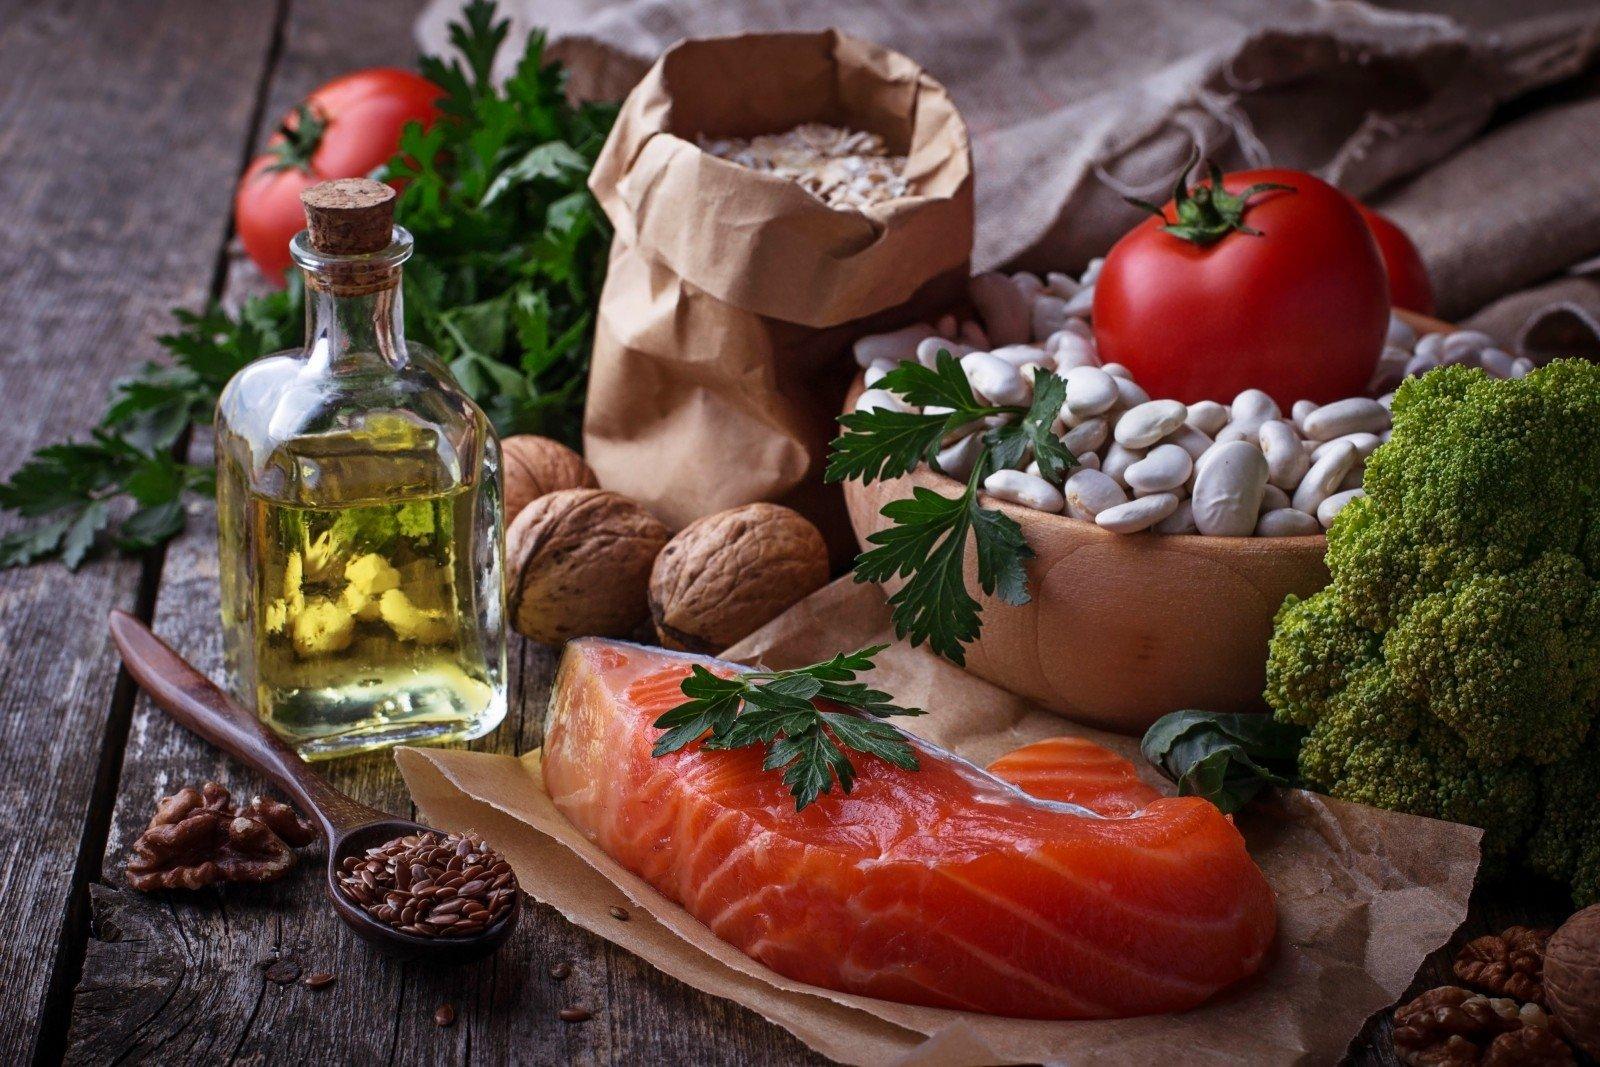 Širdies permušimai pavalgius – kalio trūkumo ir žalingų įpročių pranašai